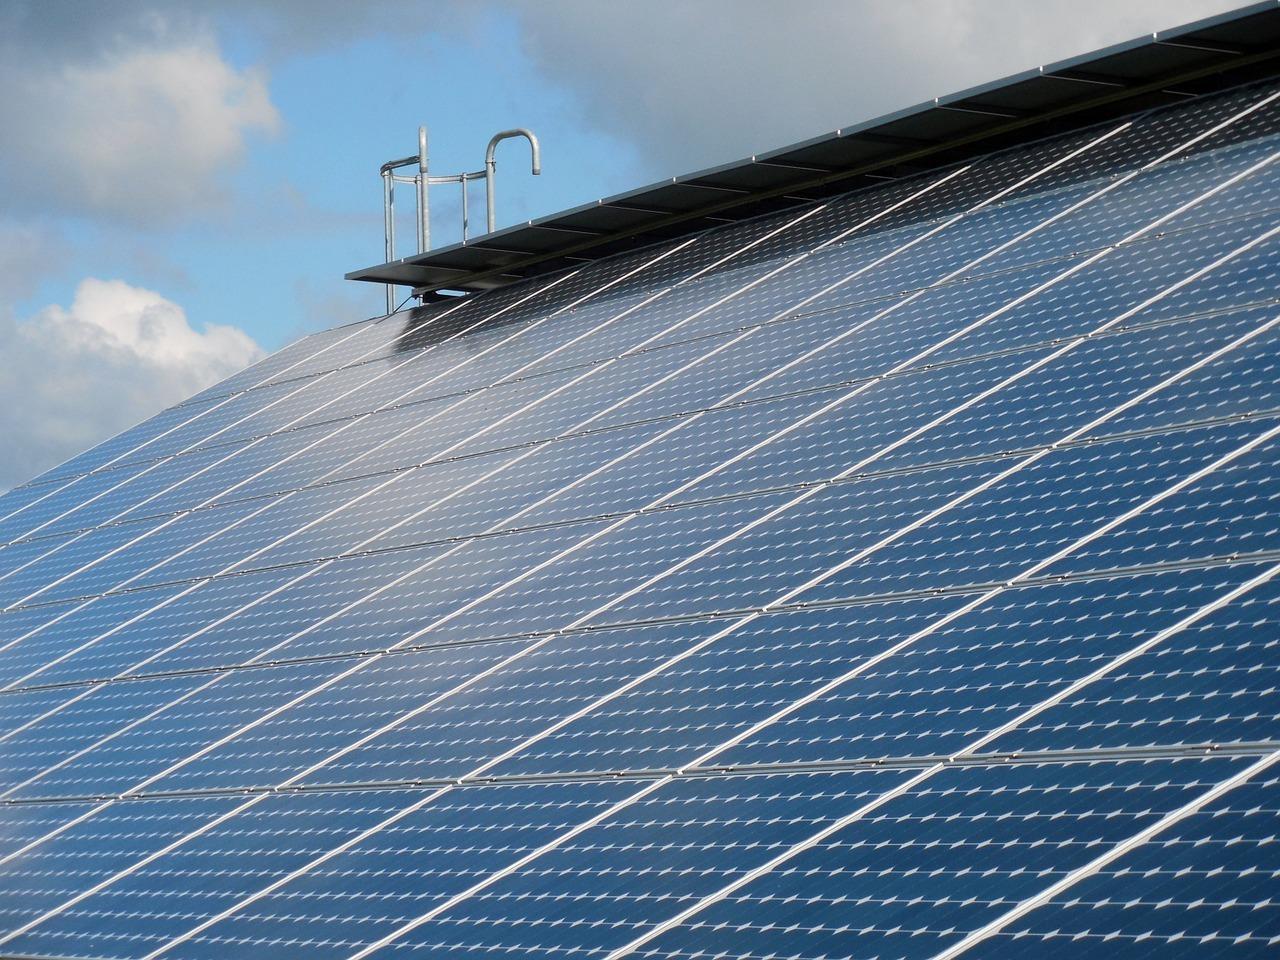 Os preços à vista da energia solar chegaram a zero em algumas regiões do Chile durante 113 dias até abril